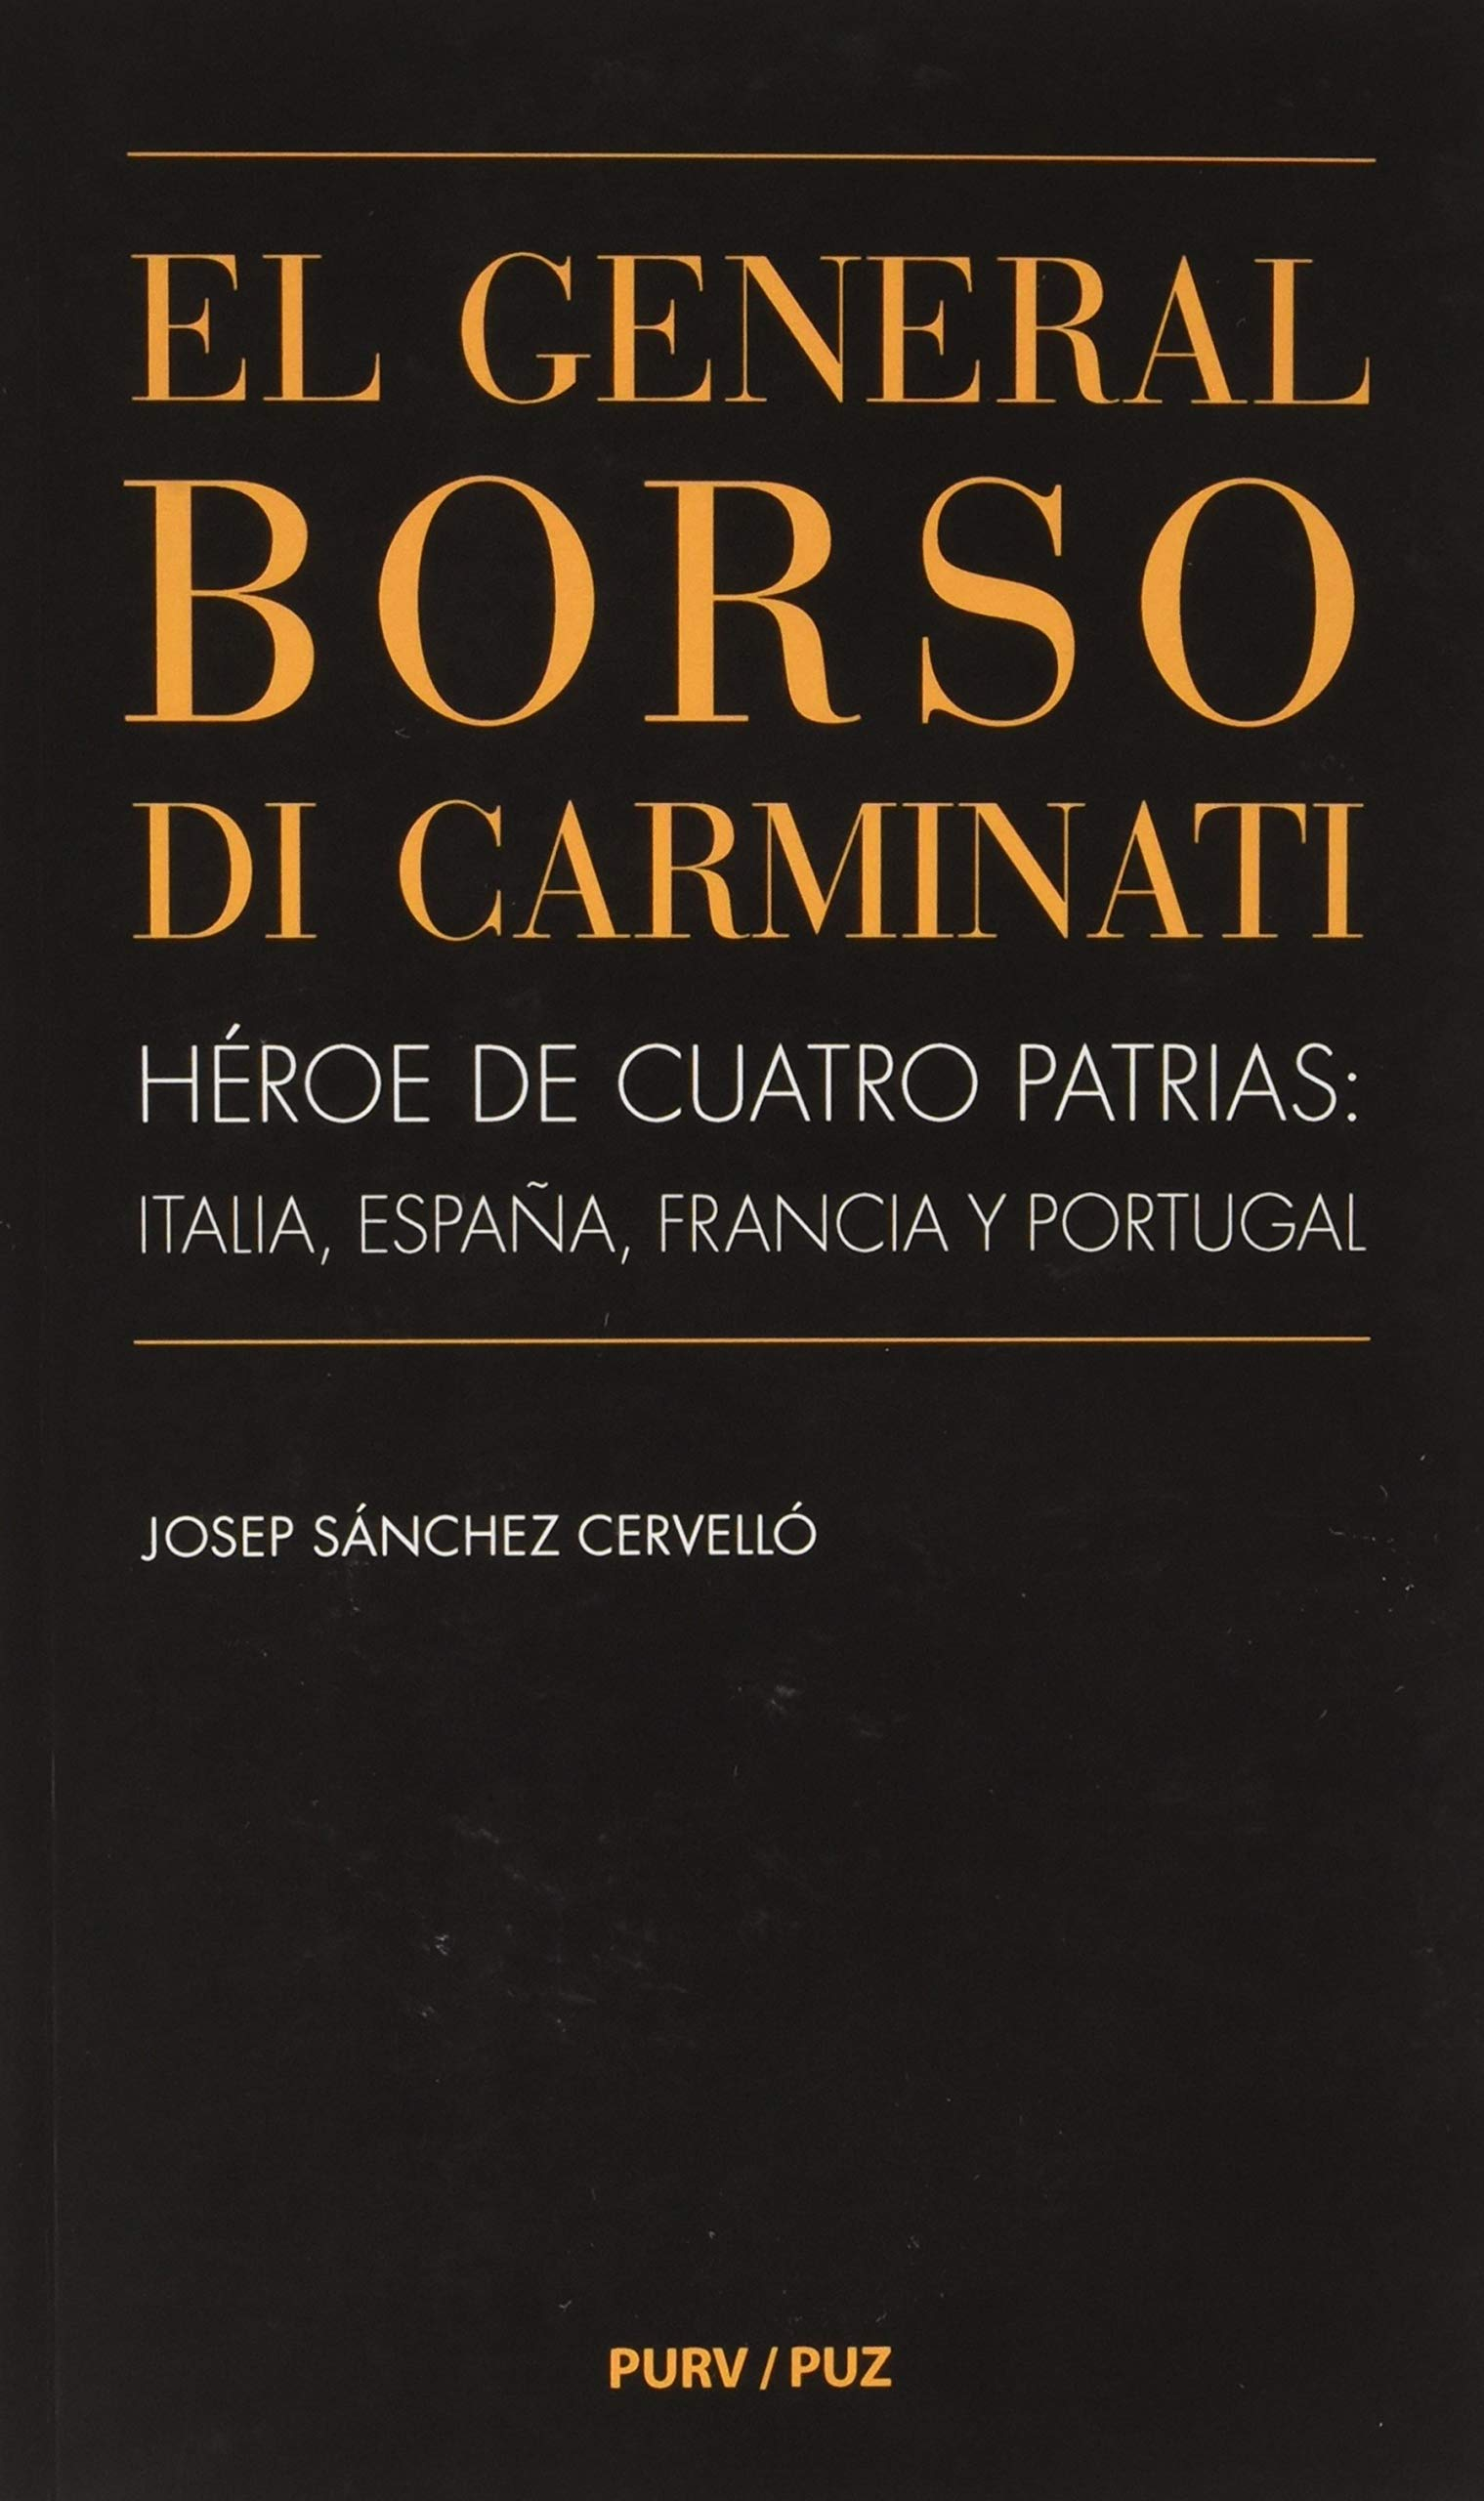 El General Borso di Carminati. Héroe de cuatro patrias: Italia, España, Francia y Portugal: 14 Vidas: Amazon.es: Sánchez Cervelló, Josep: Libros